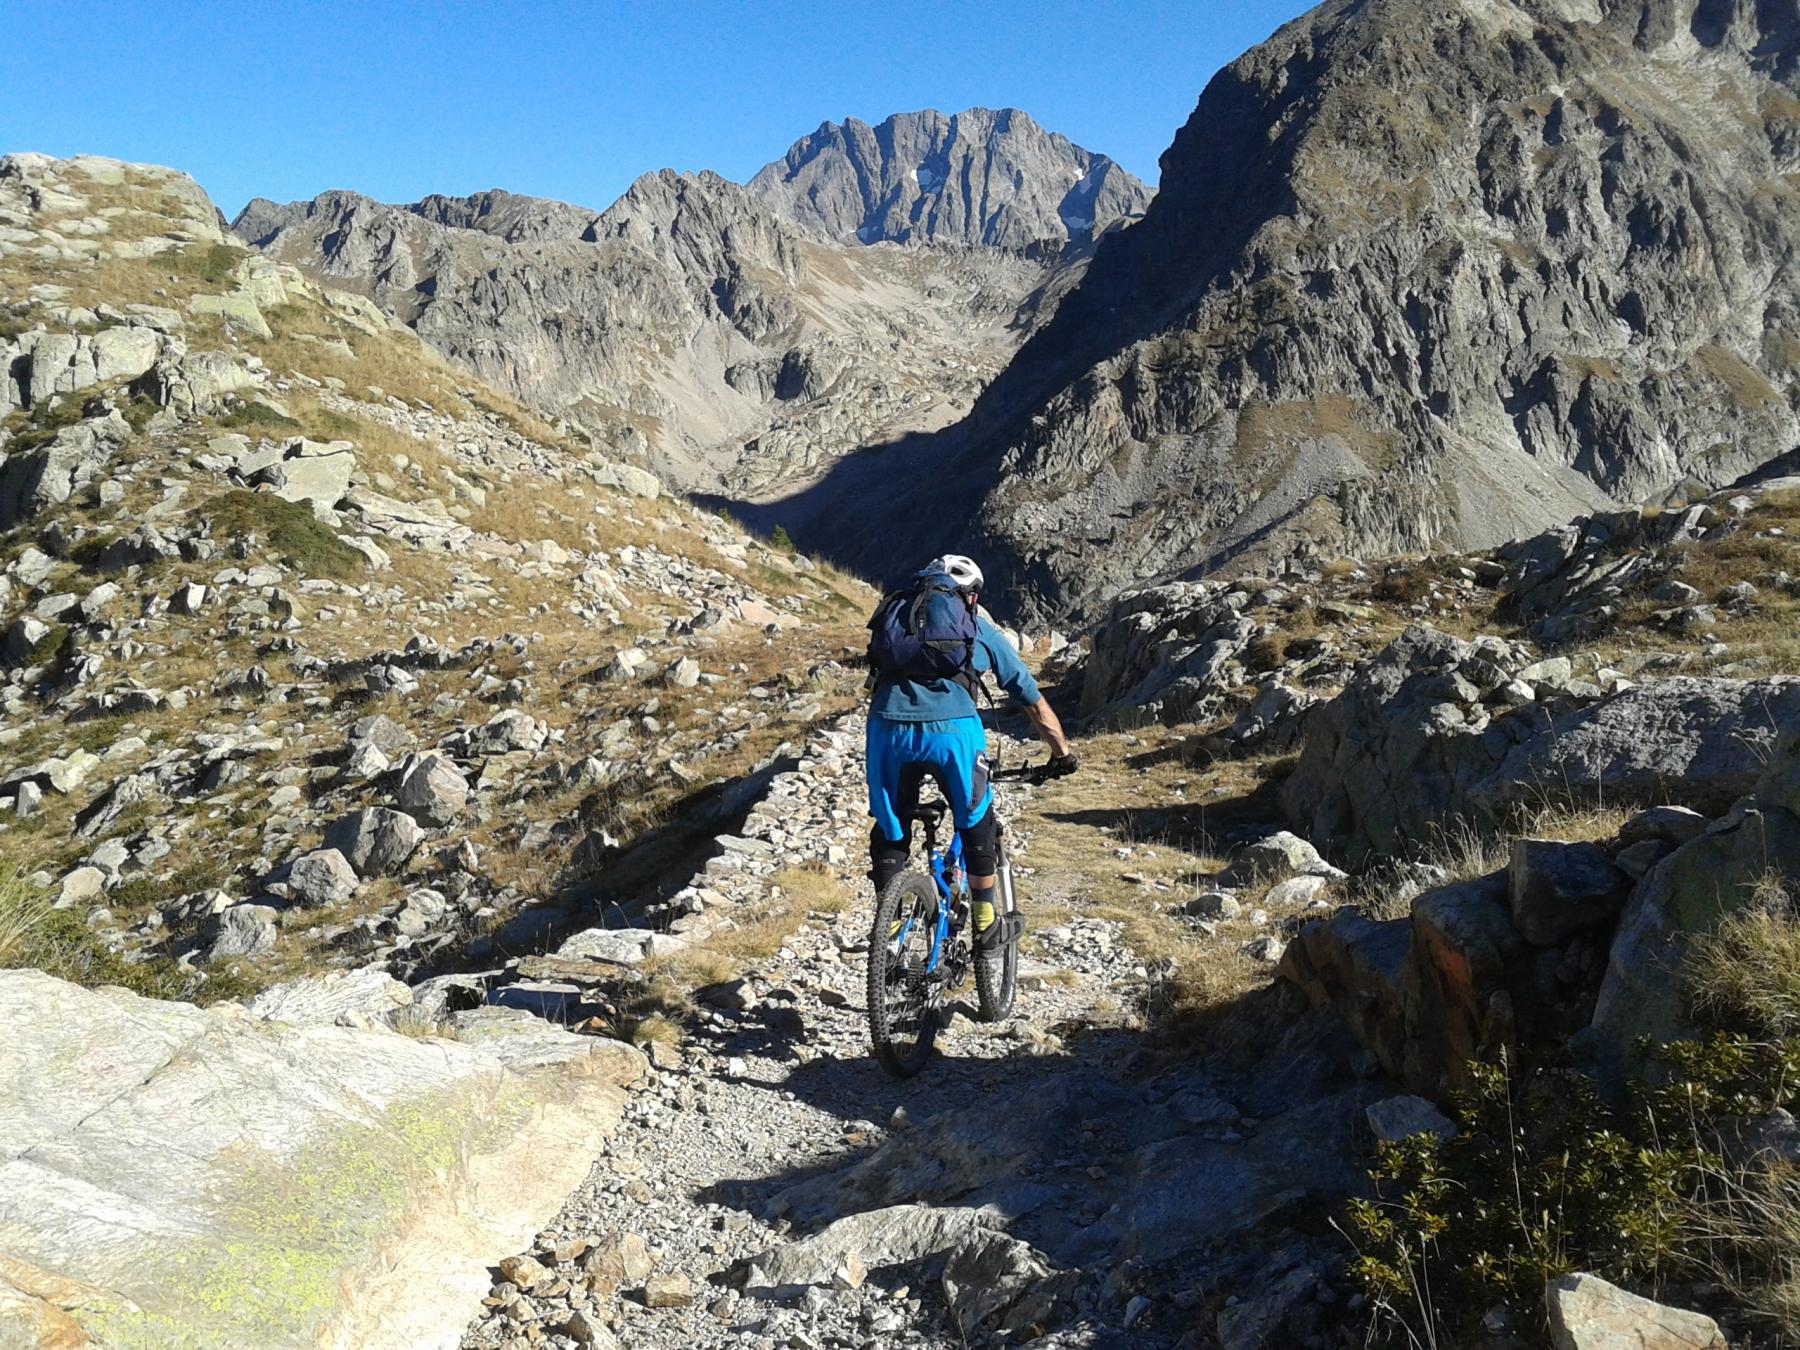 Claus (Lago del) e Laghi di Valscura da Terme di Valdieri, discesa dal Rifugio Questa 2014-10-30